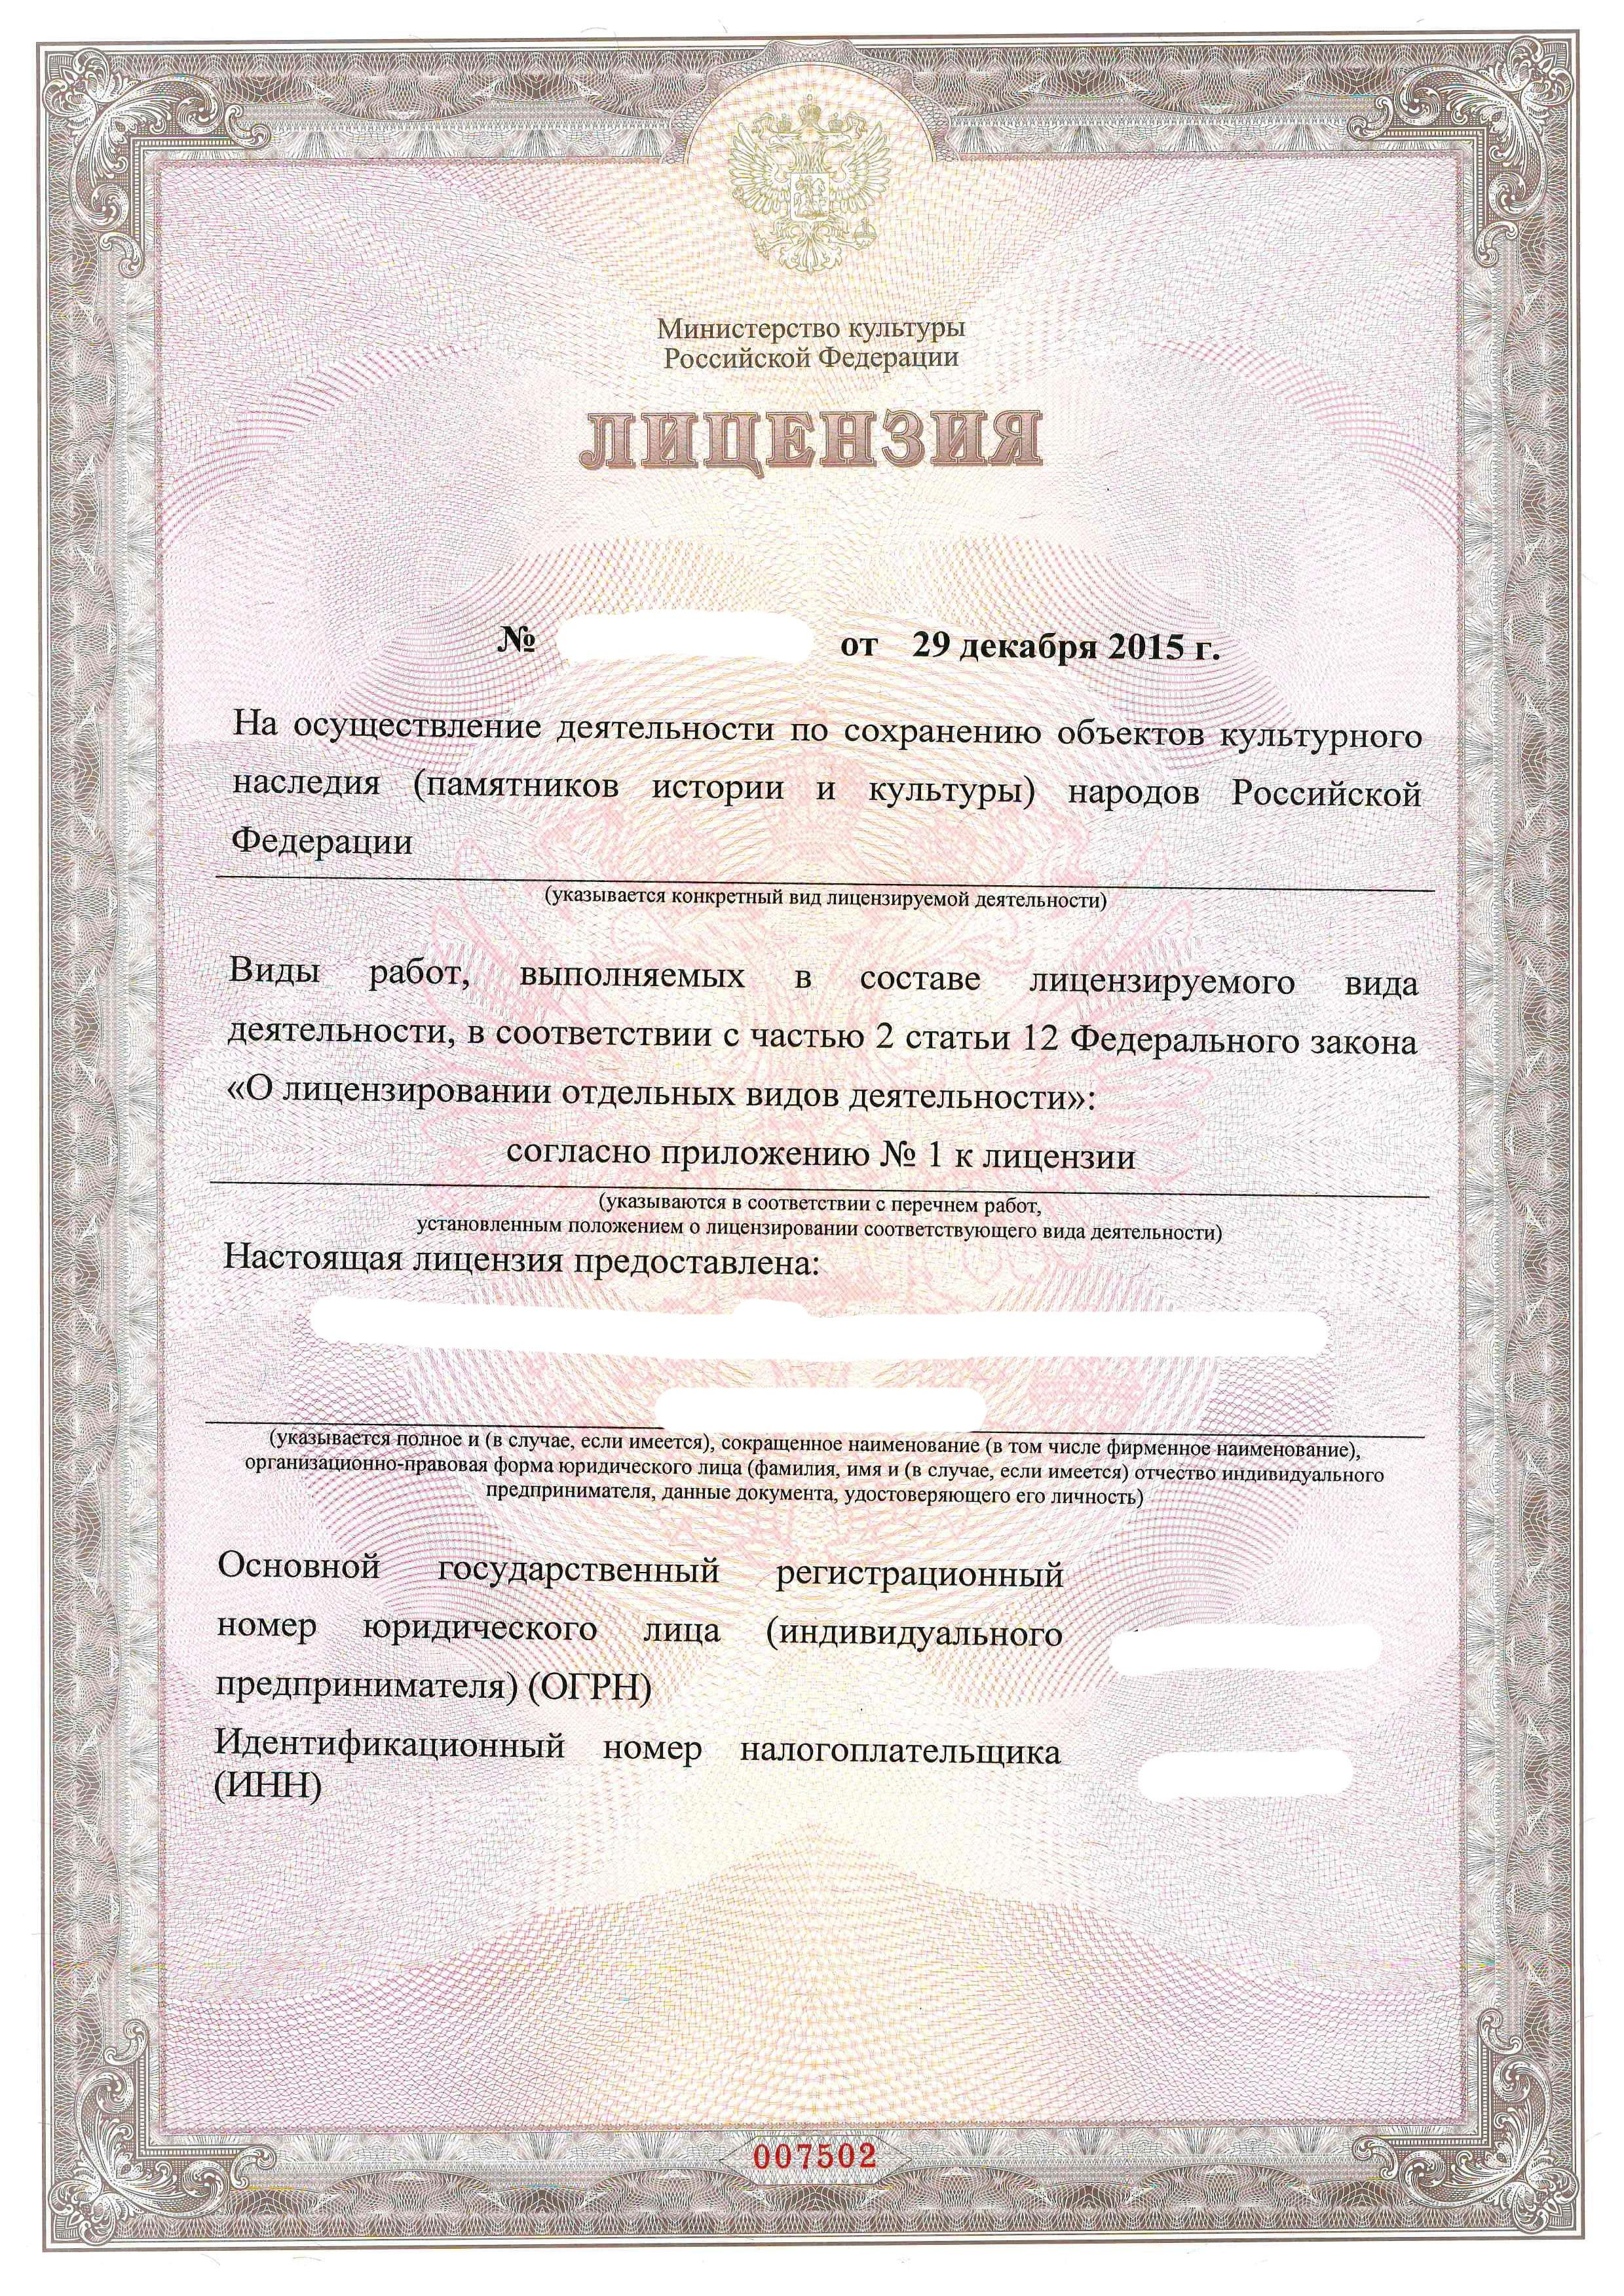 Образец лицензии Минкульта